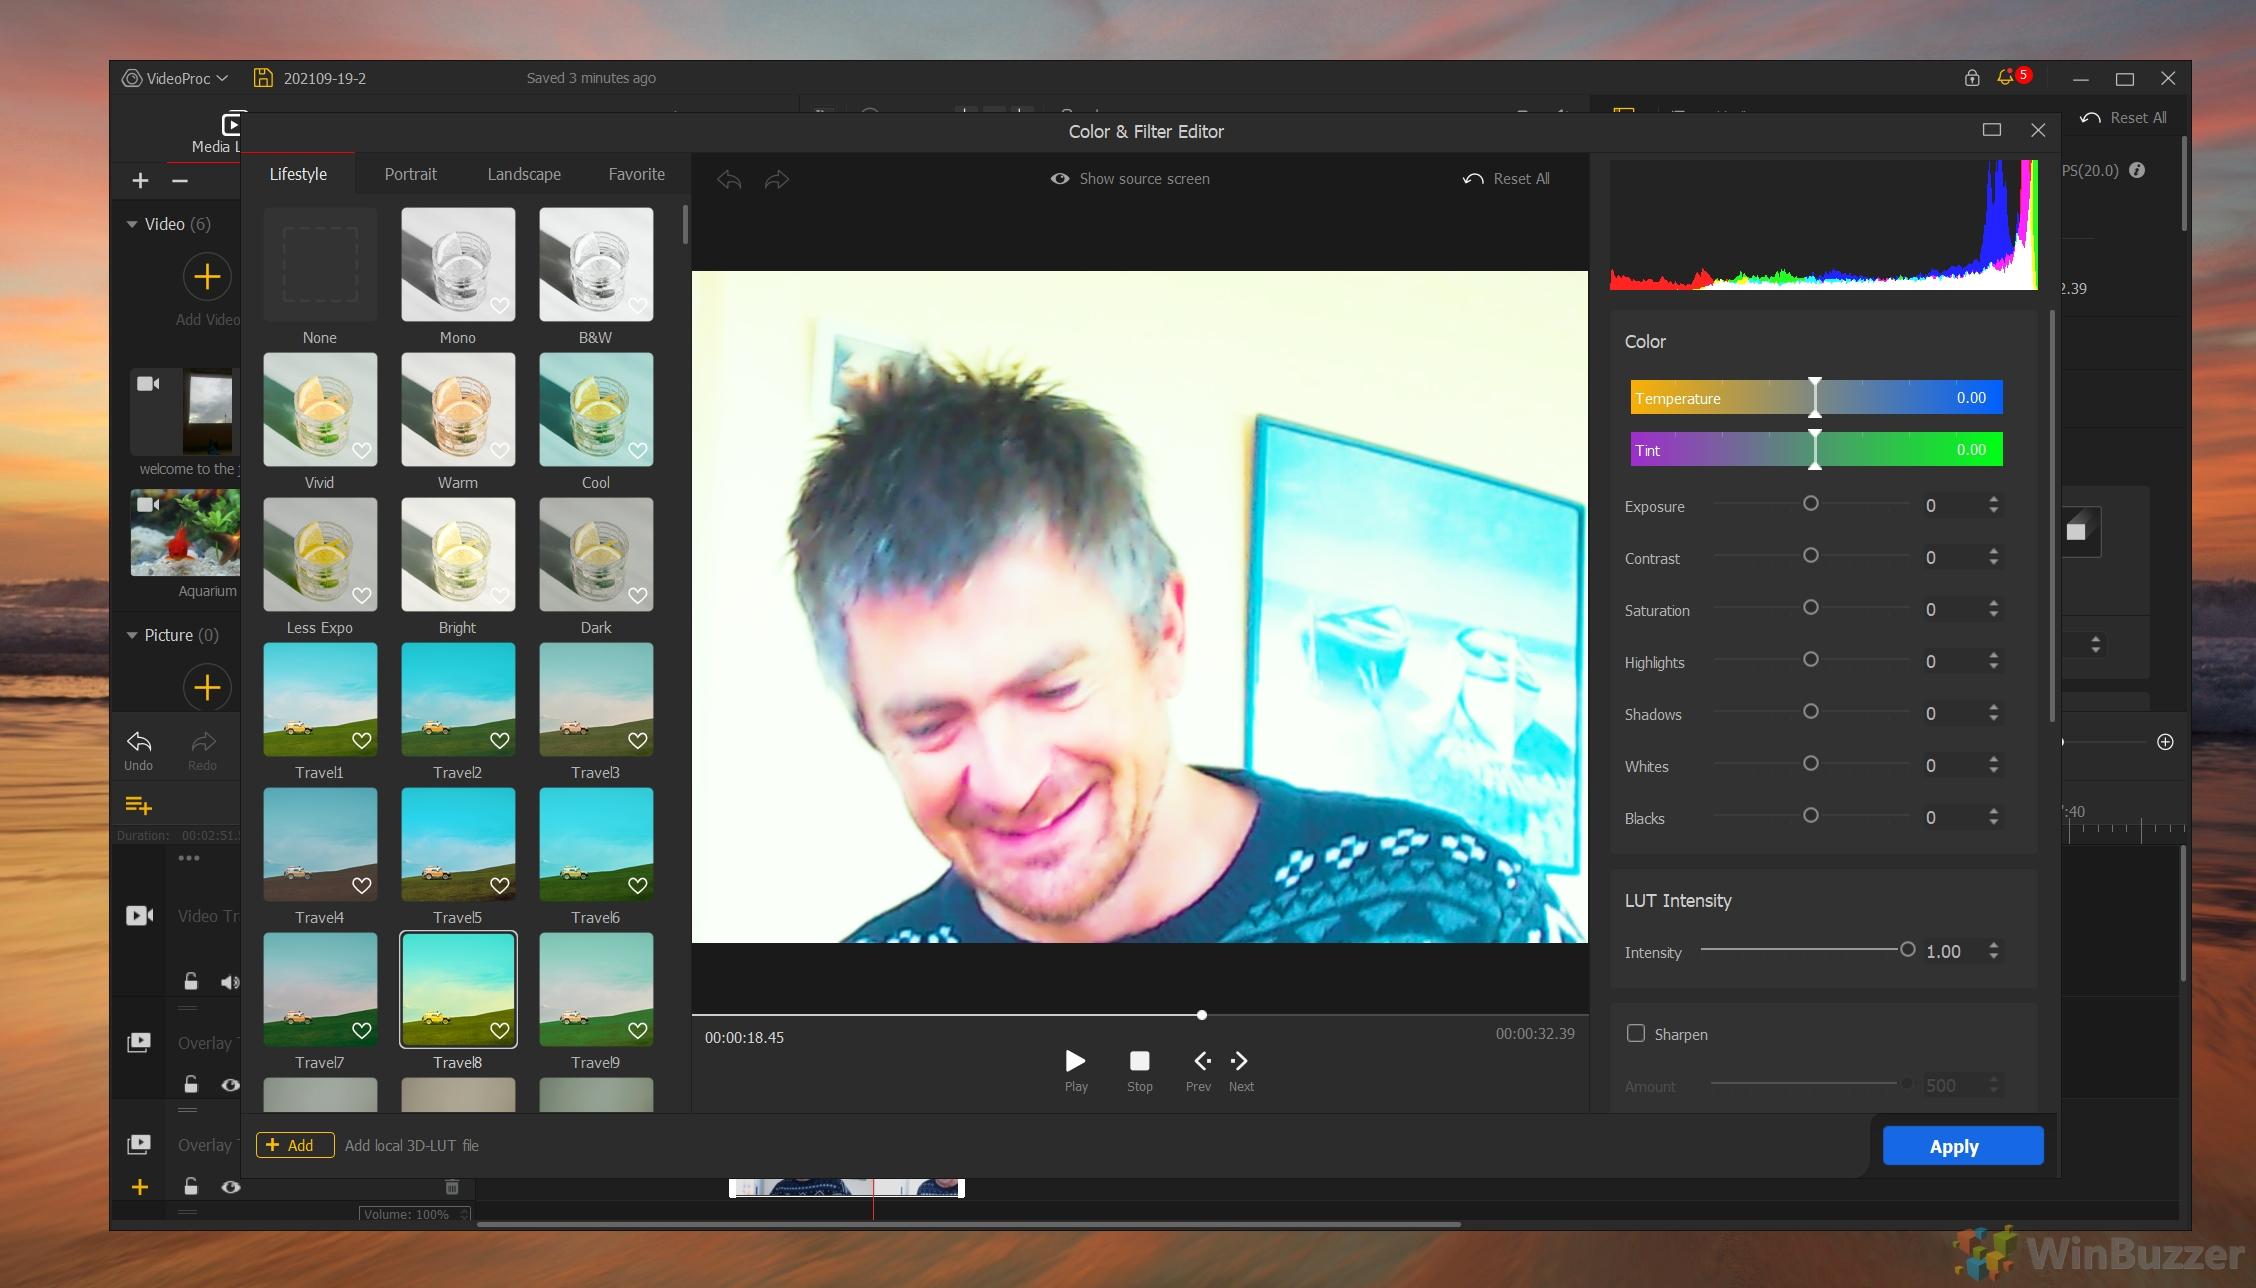 VideoProc Vlogger - Color & Filter Editor